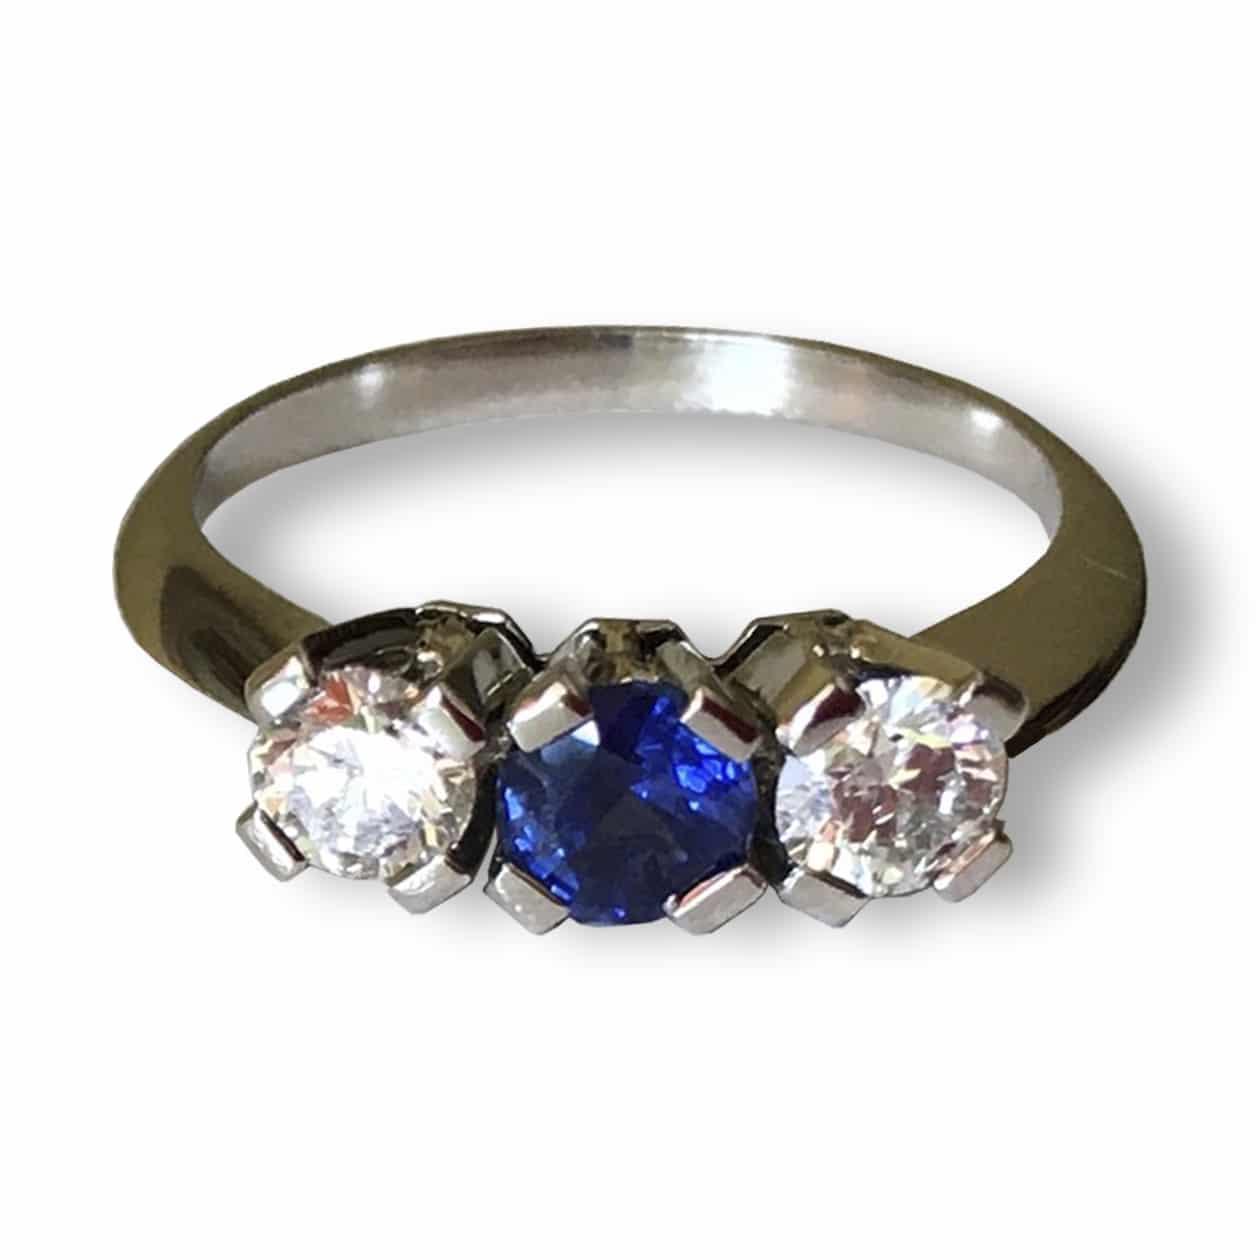 Sortija de Zafiro y diamantes en platino.  OPORTUNIDAD